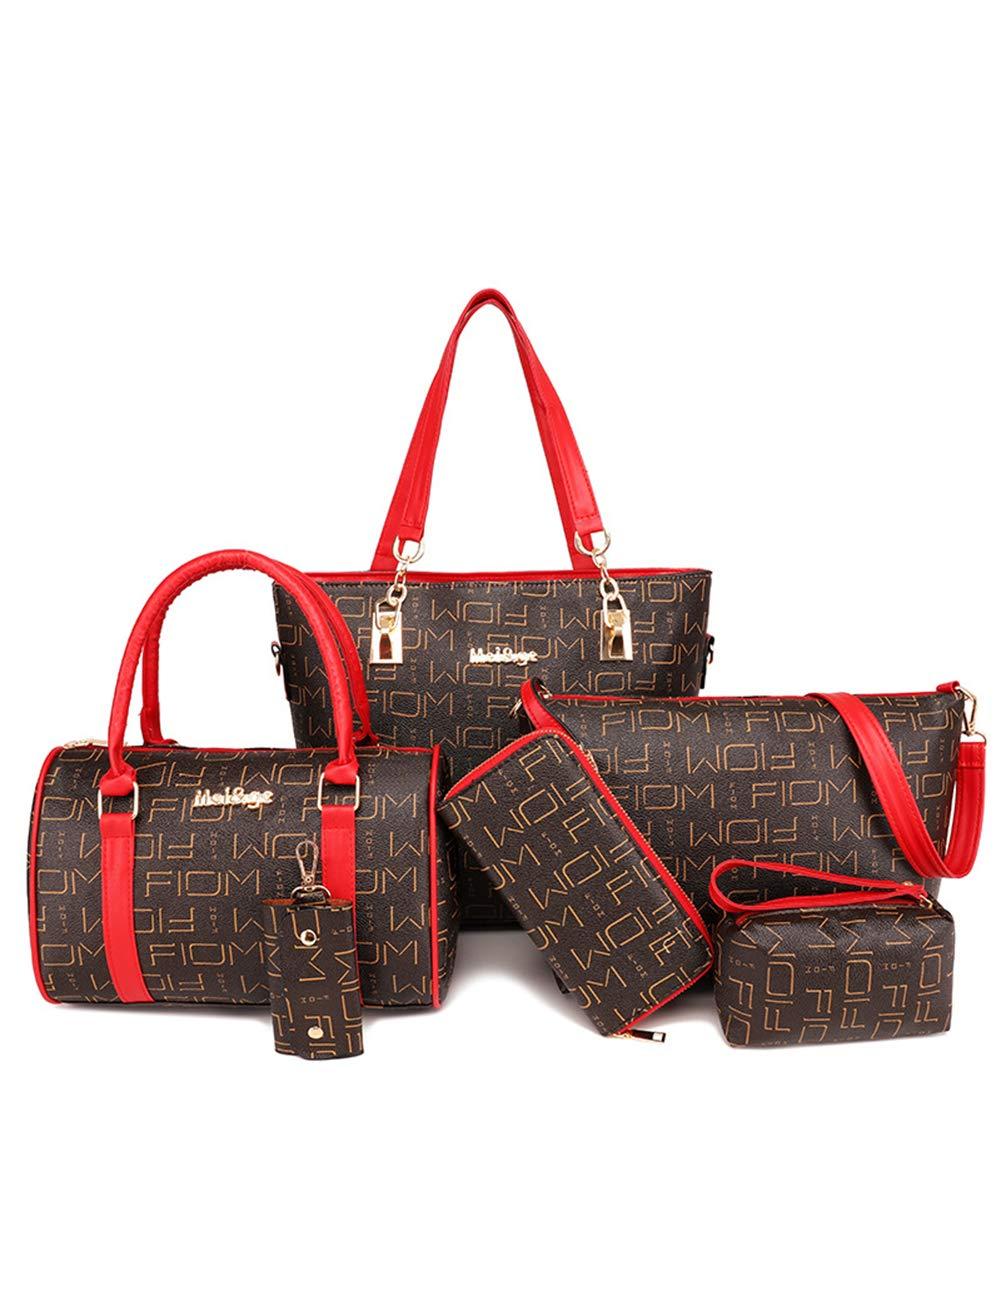 婦人用バッグレザーショルダーバッグ/プリントレター6個セットメッセンジャーバッグファッション大容量ハンドバッグ財布ハンドバッグキーバッグ B07R9Q46XG brown 1